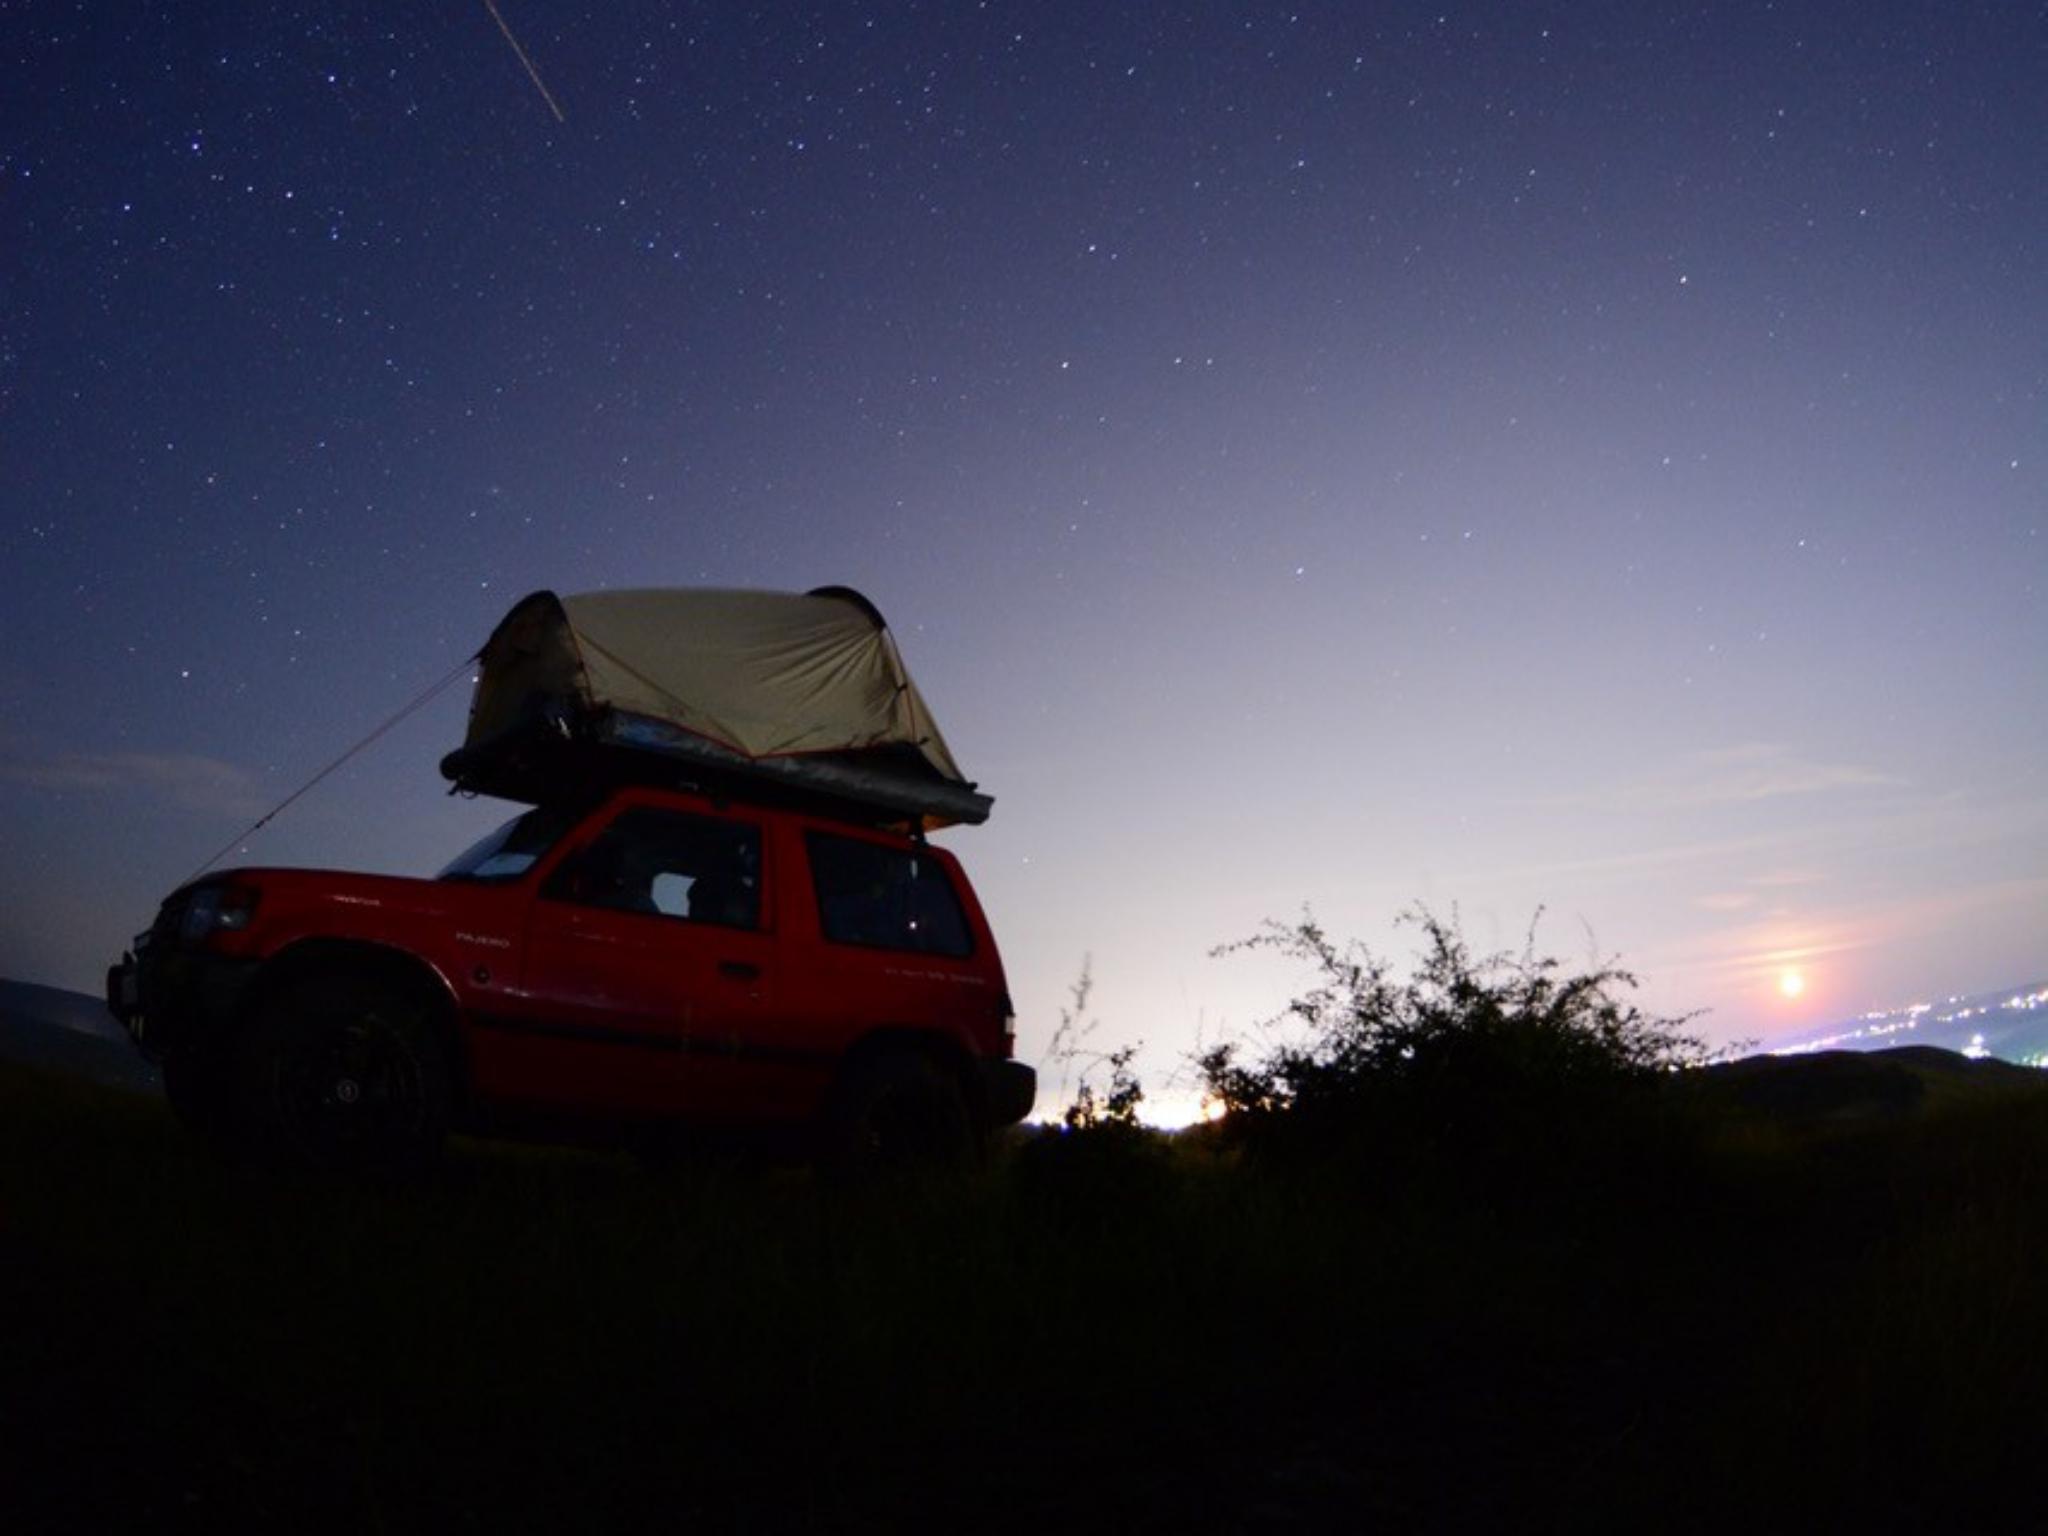 Vollgepacktes Auto unter einem schönen Sternenhimmel. Foto: Björn und Daniella